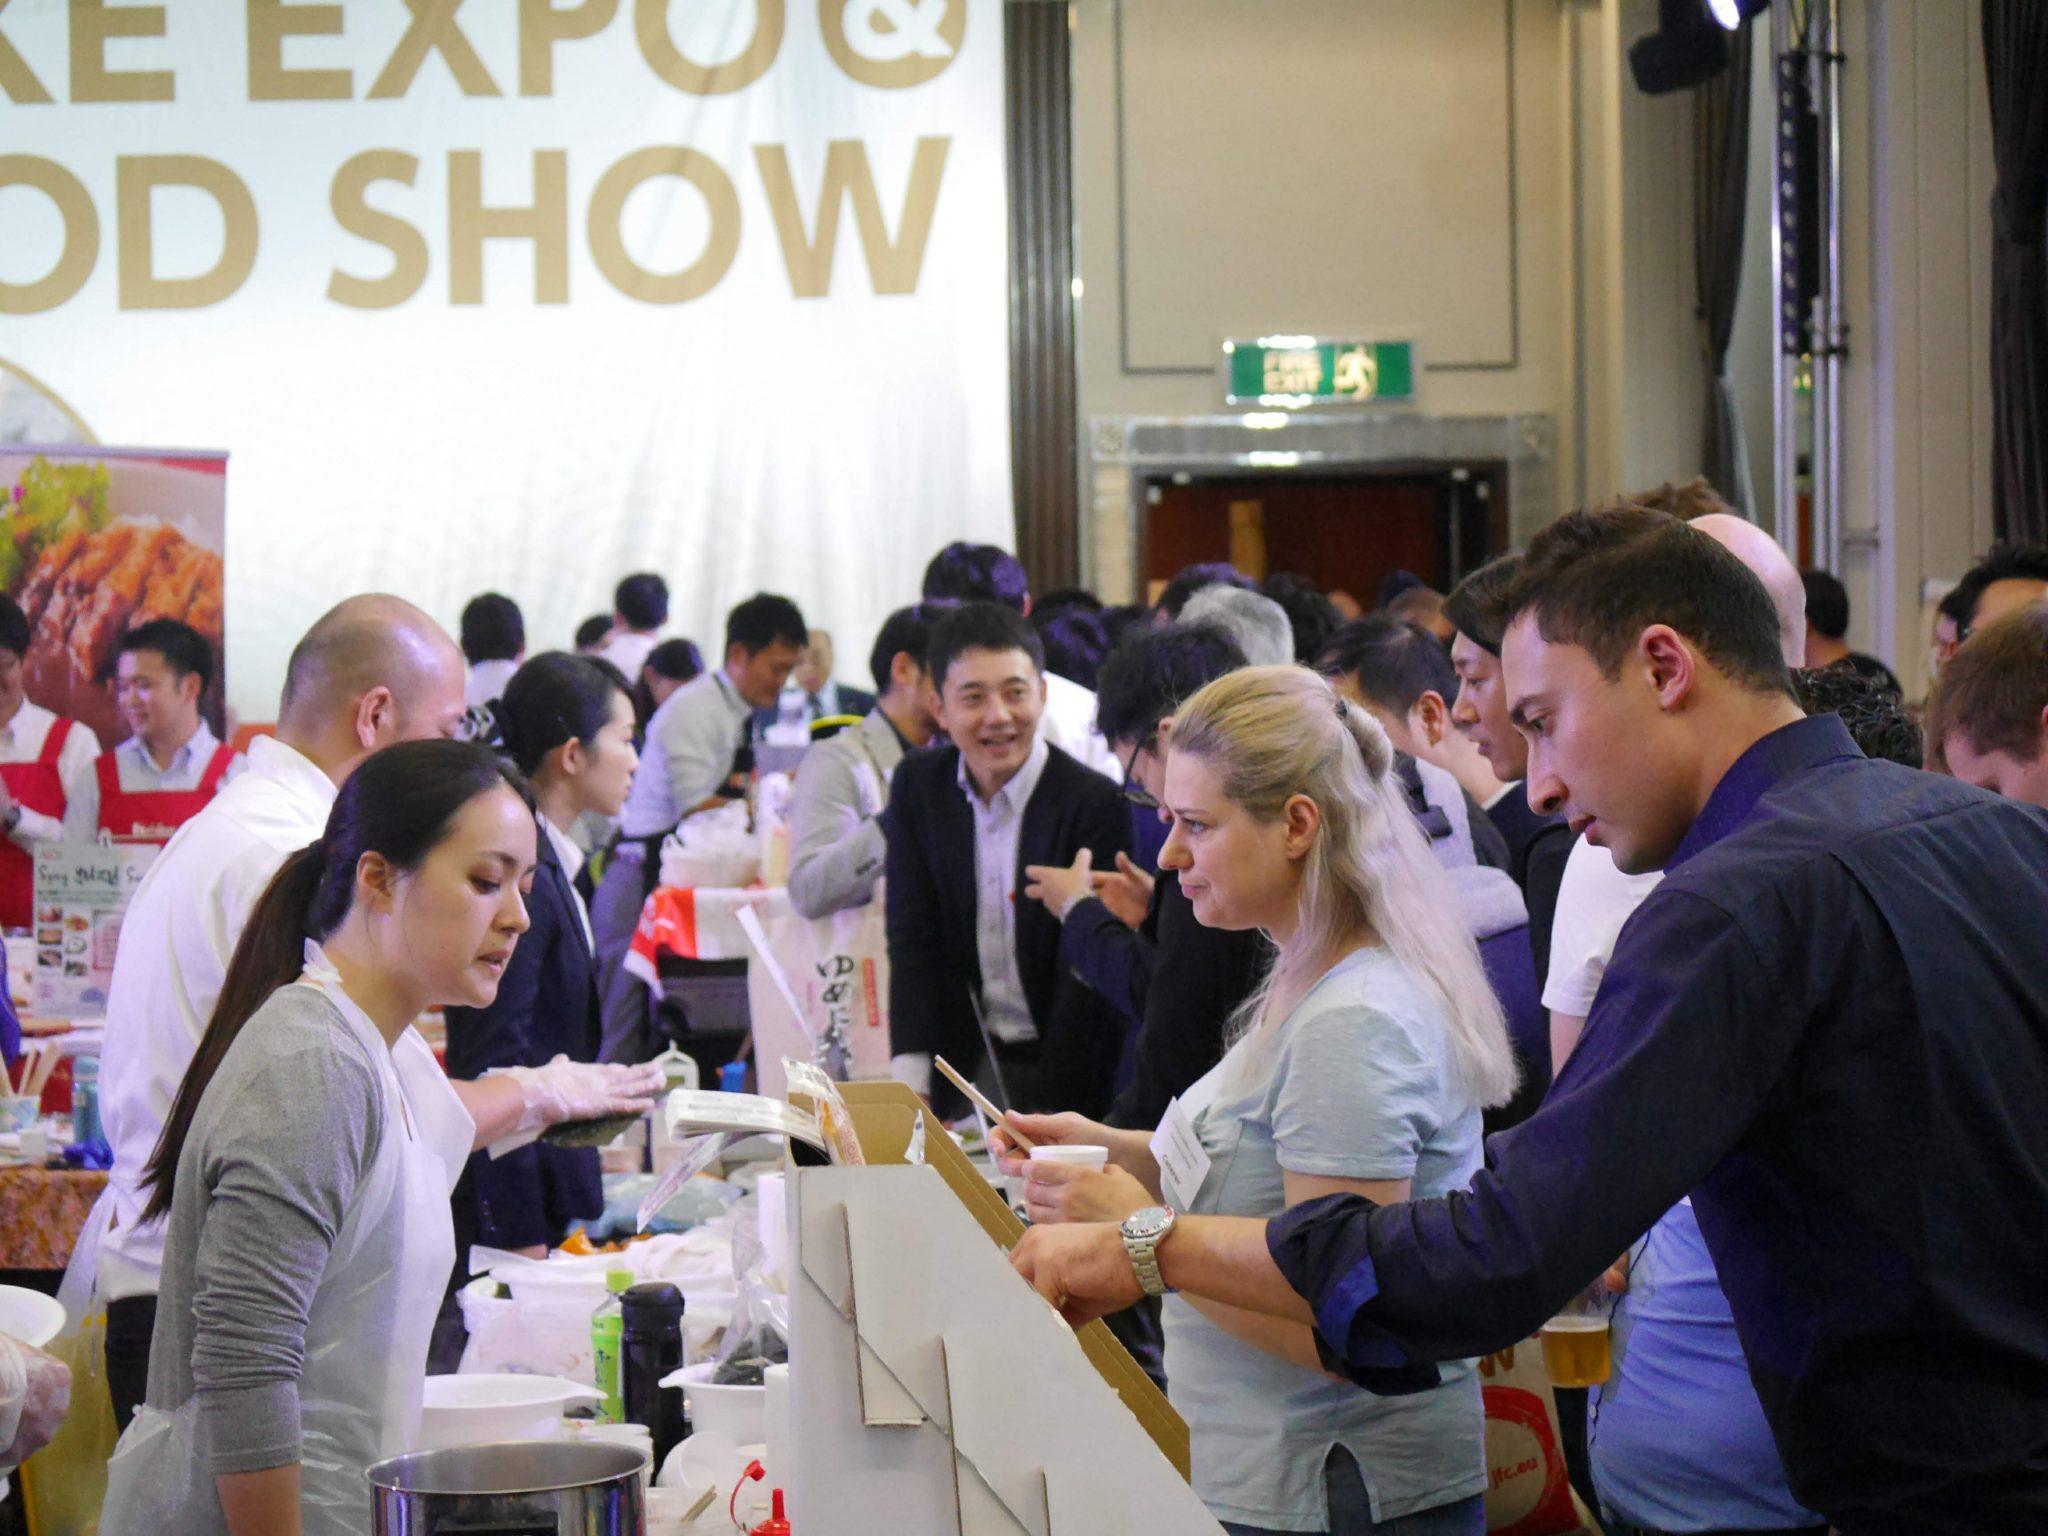 JFC Sake Expo and Food Show